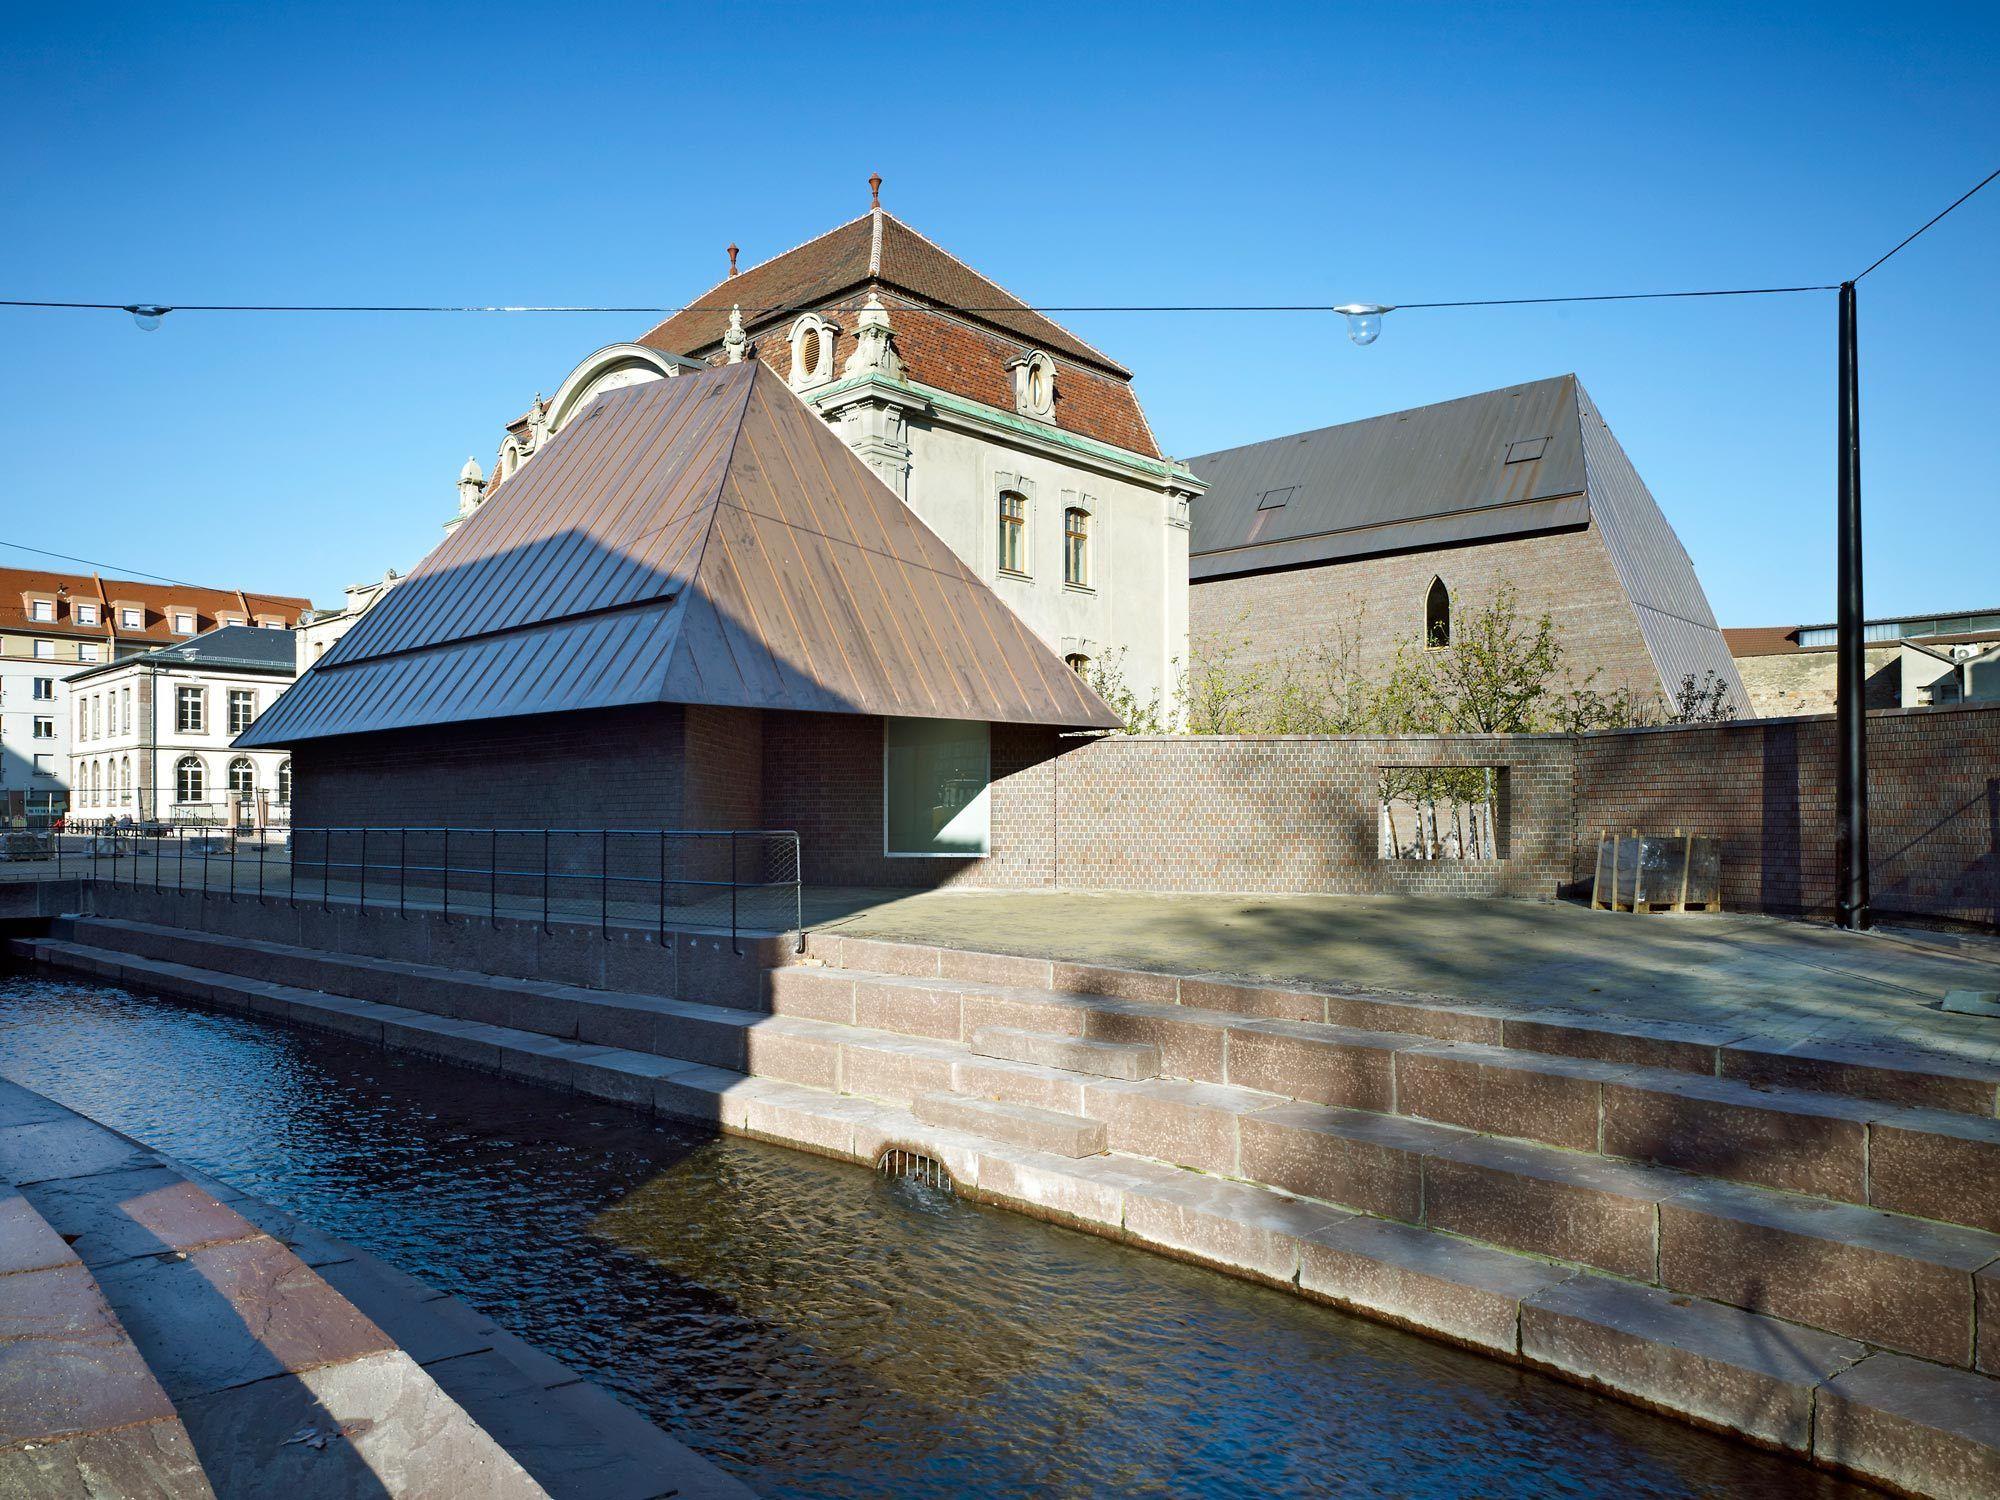 8_Musée Unterlinden_Herzog & de Meuron_Inspirationist